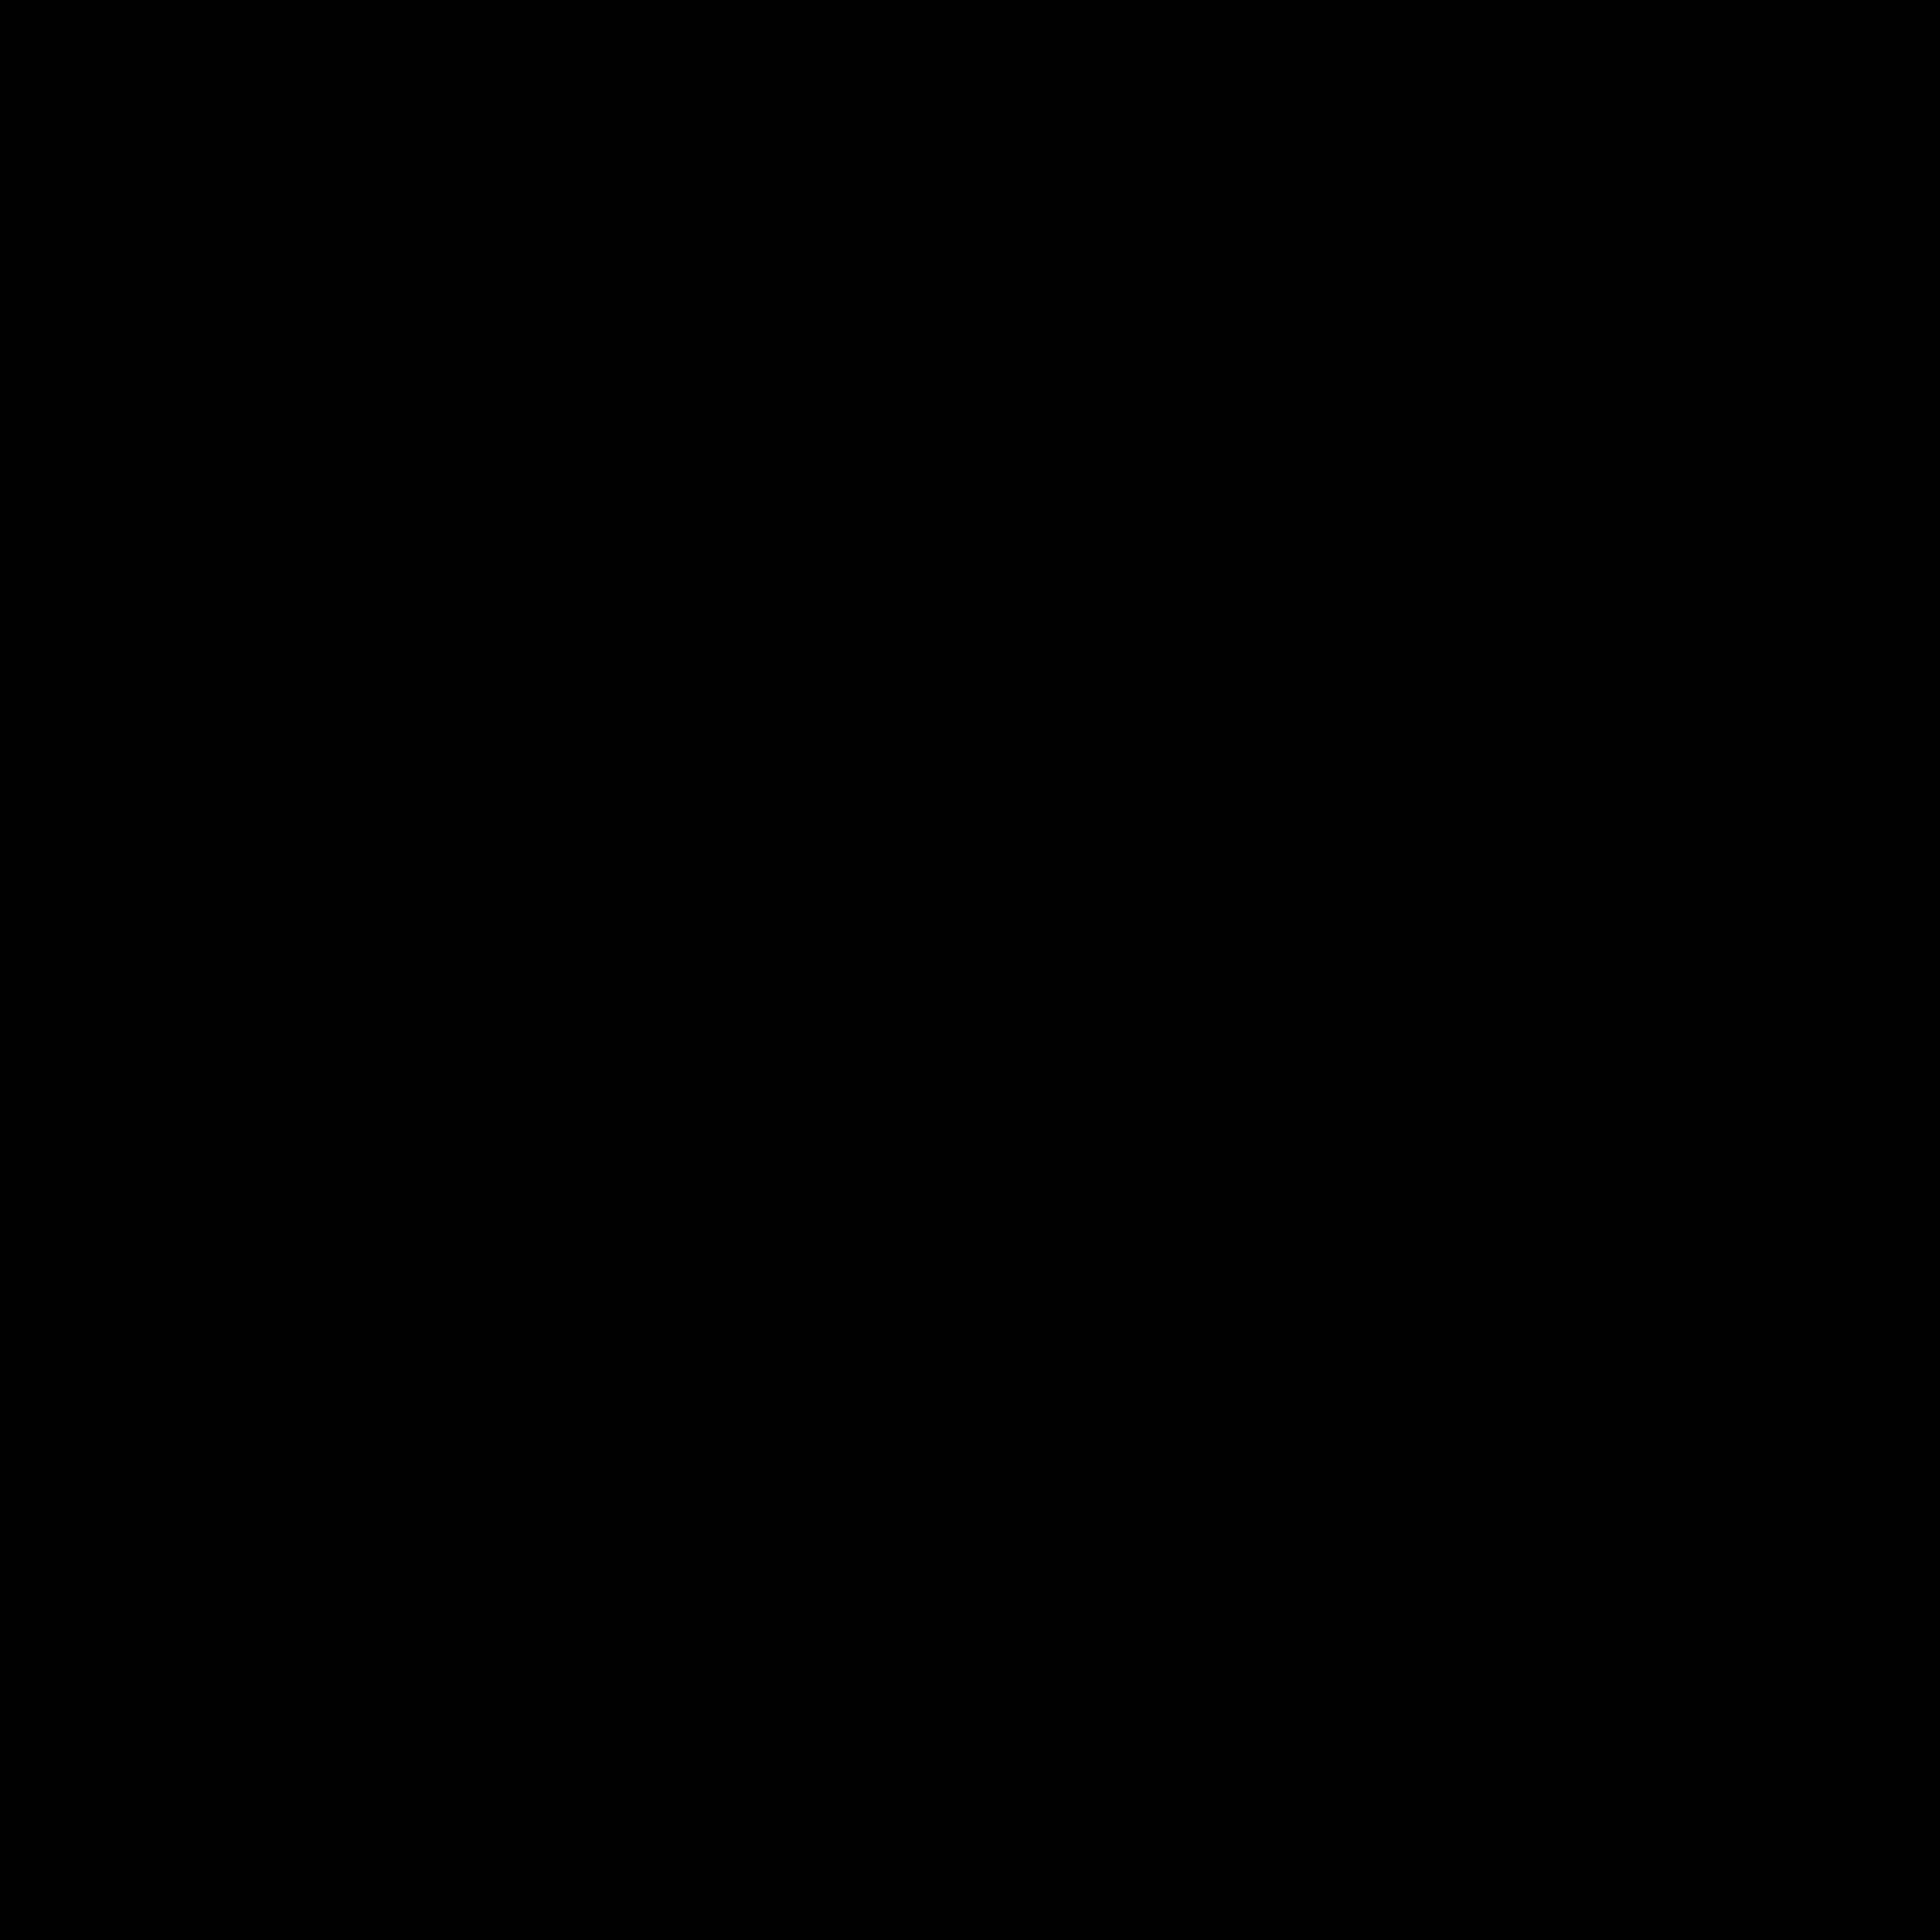 gottex-logo-png-transparent